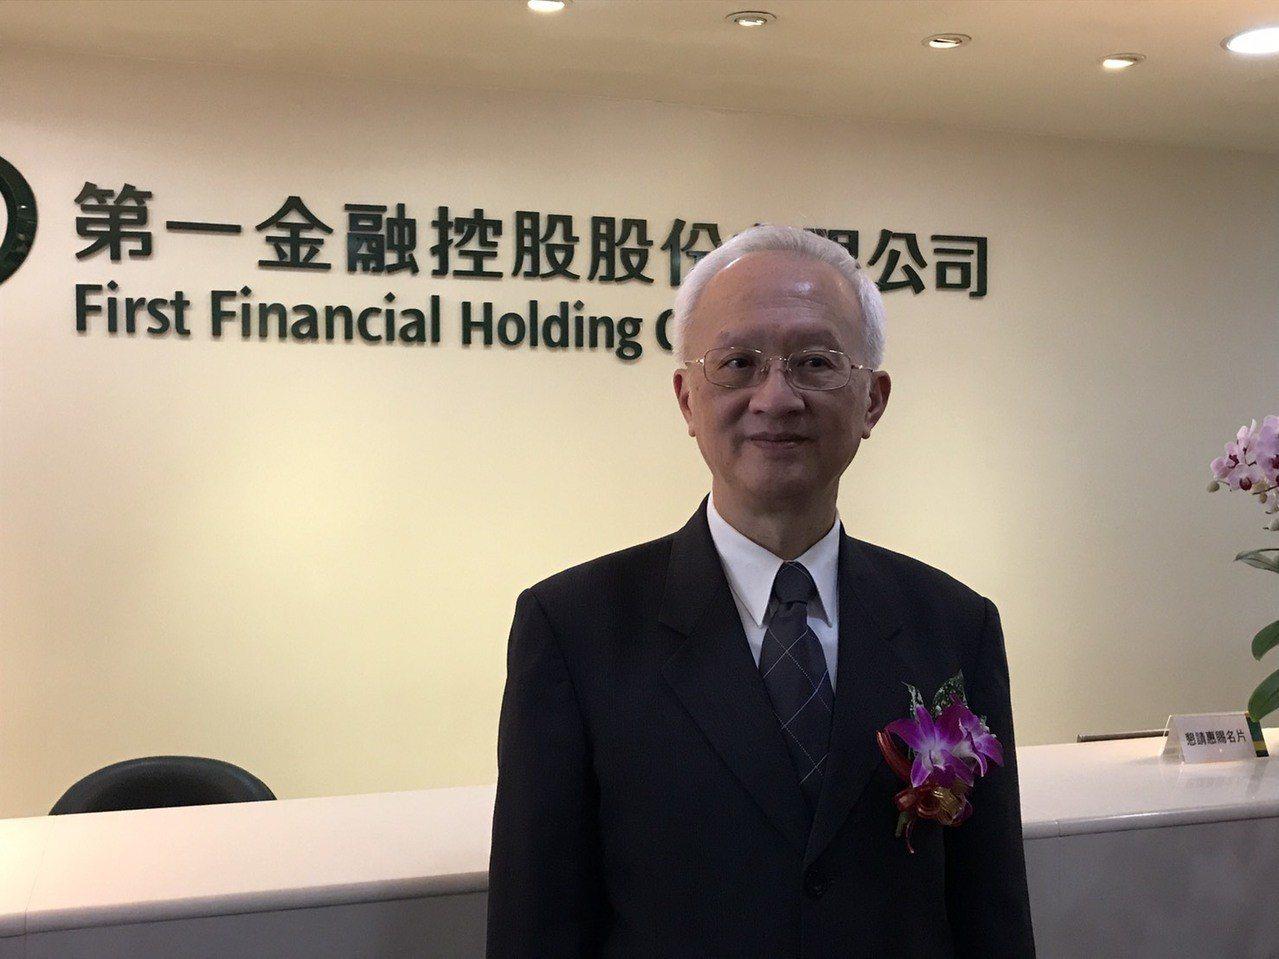 第一金控暨第一銀行董事長董瑞斌表示,一銀是金控獲利主體,年獲利高達200億元,高...